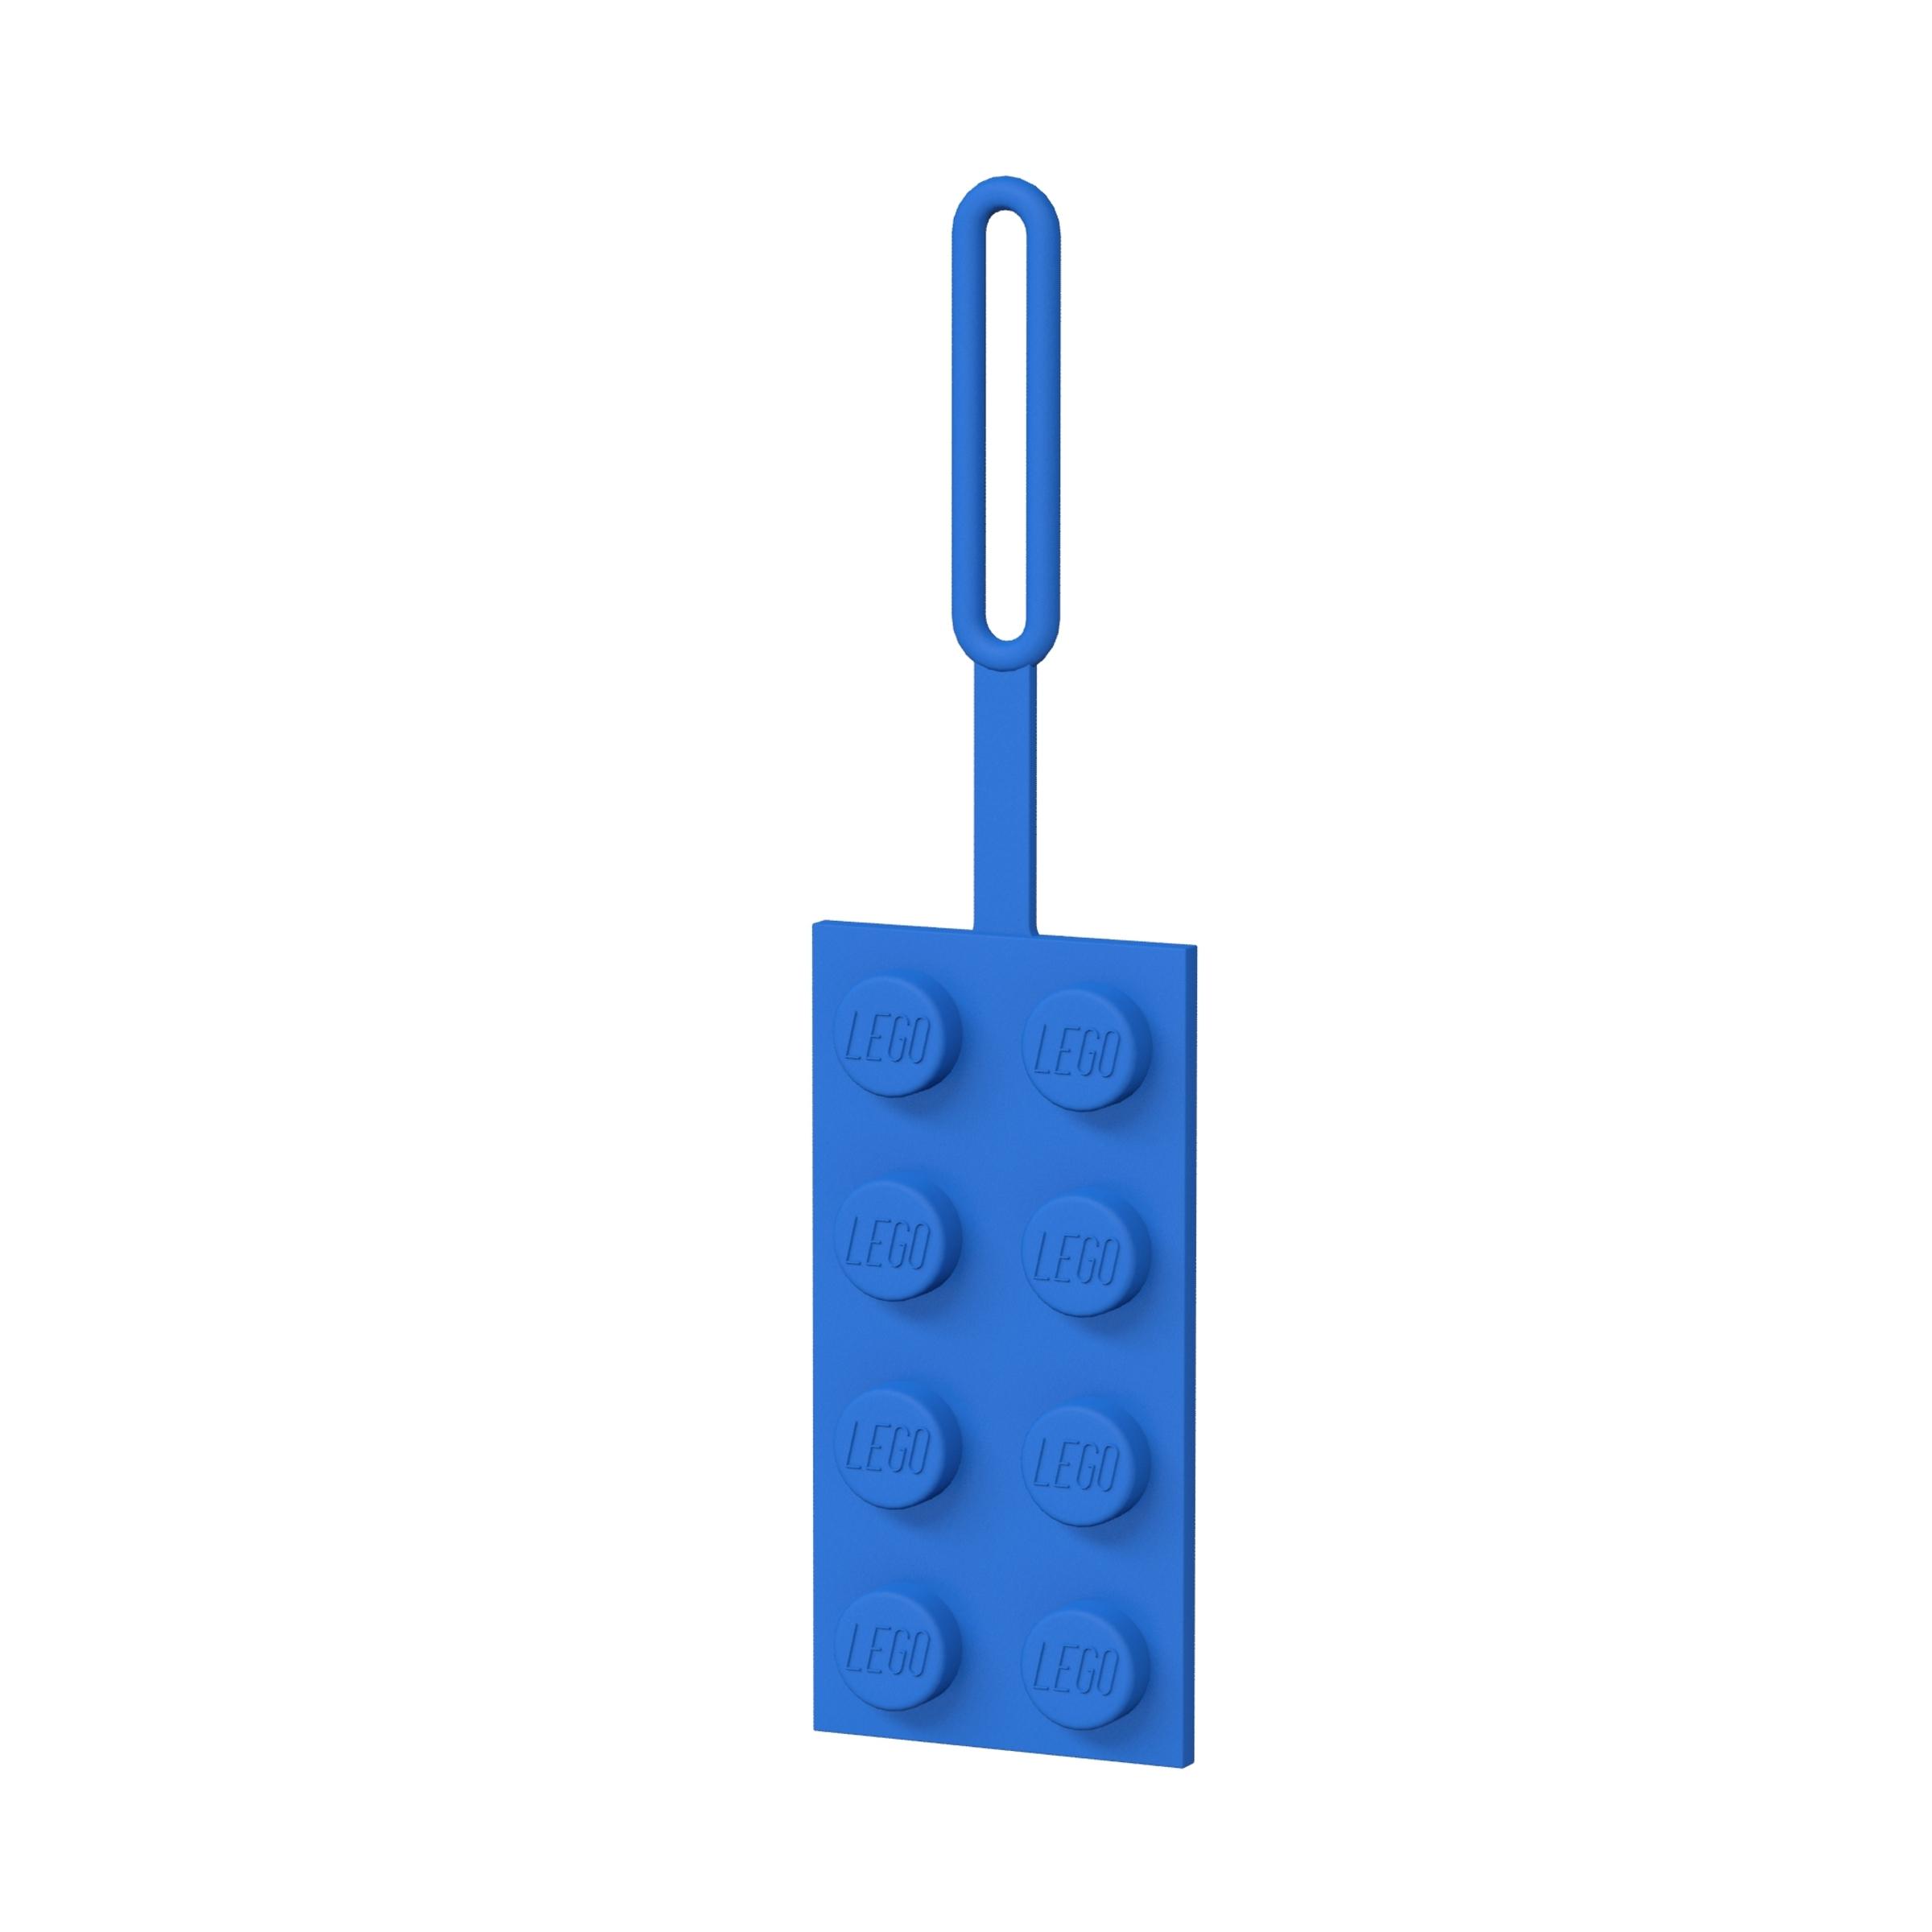 5005543 virallinen lego 5005543 kaupasta fi